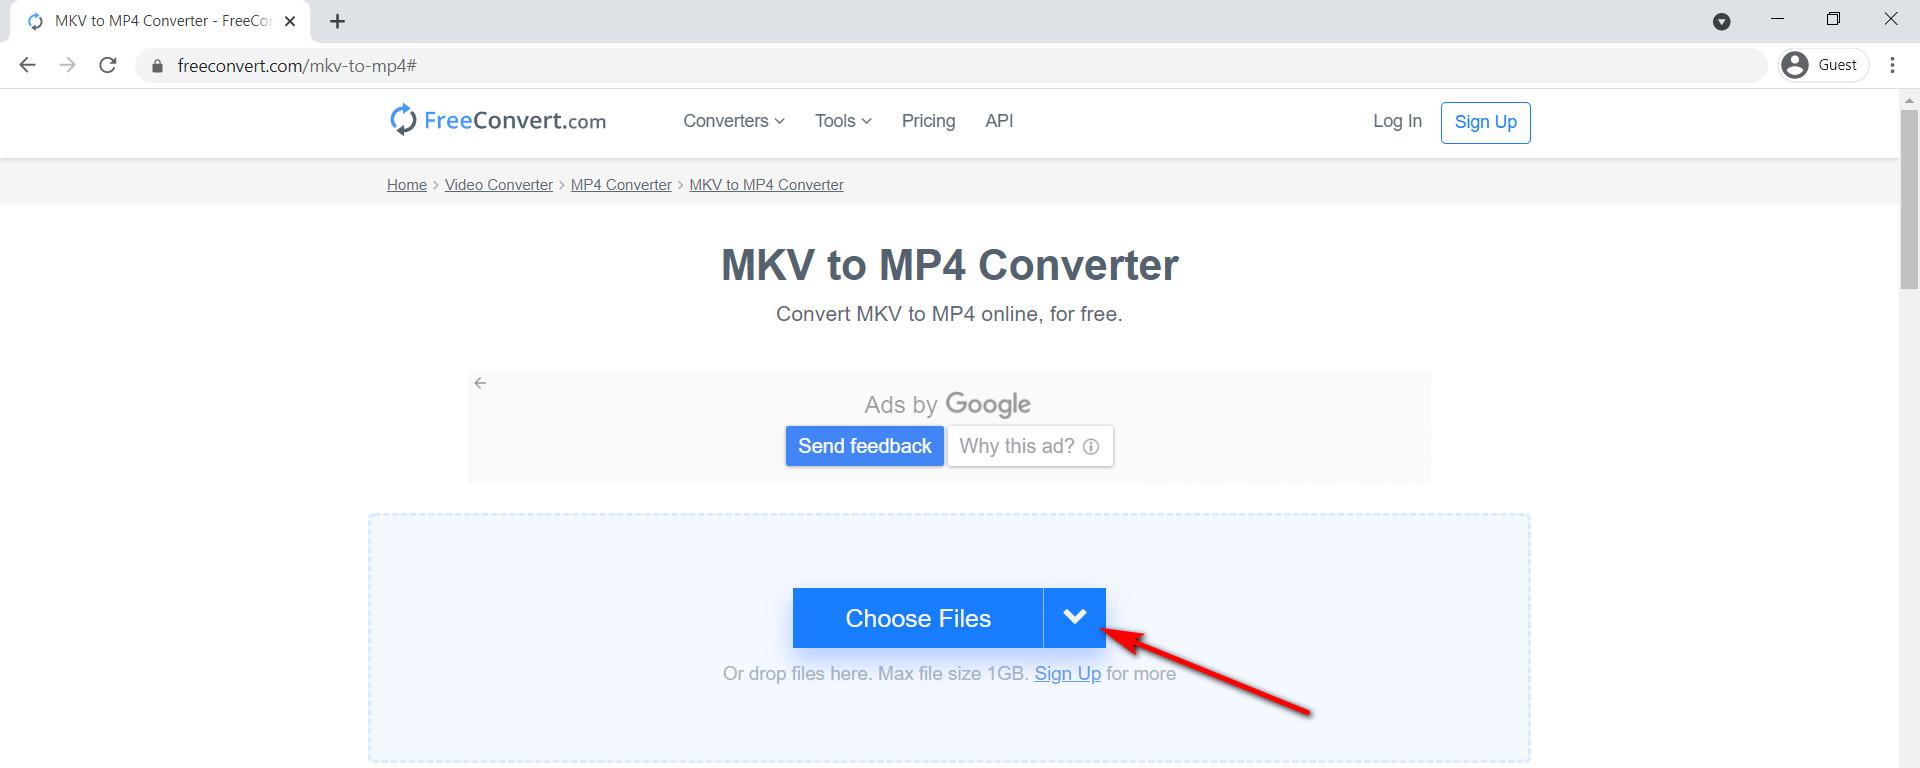 استخدم FreeConvert لتحويل MKV إلى MP4 عبر الإنترنت مجانًا